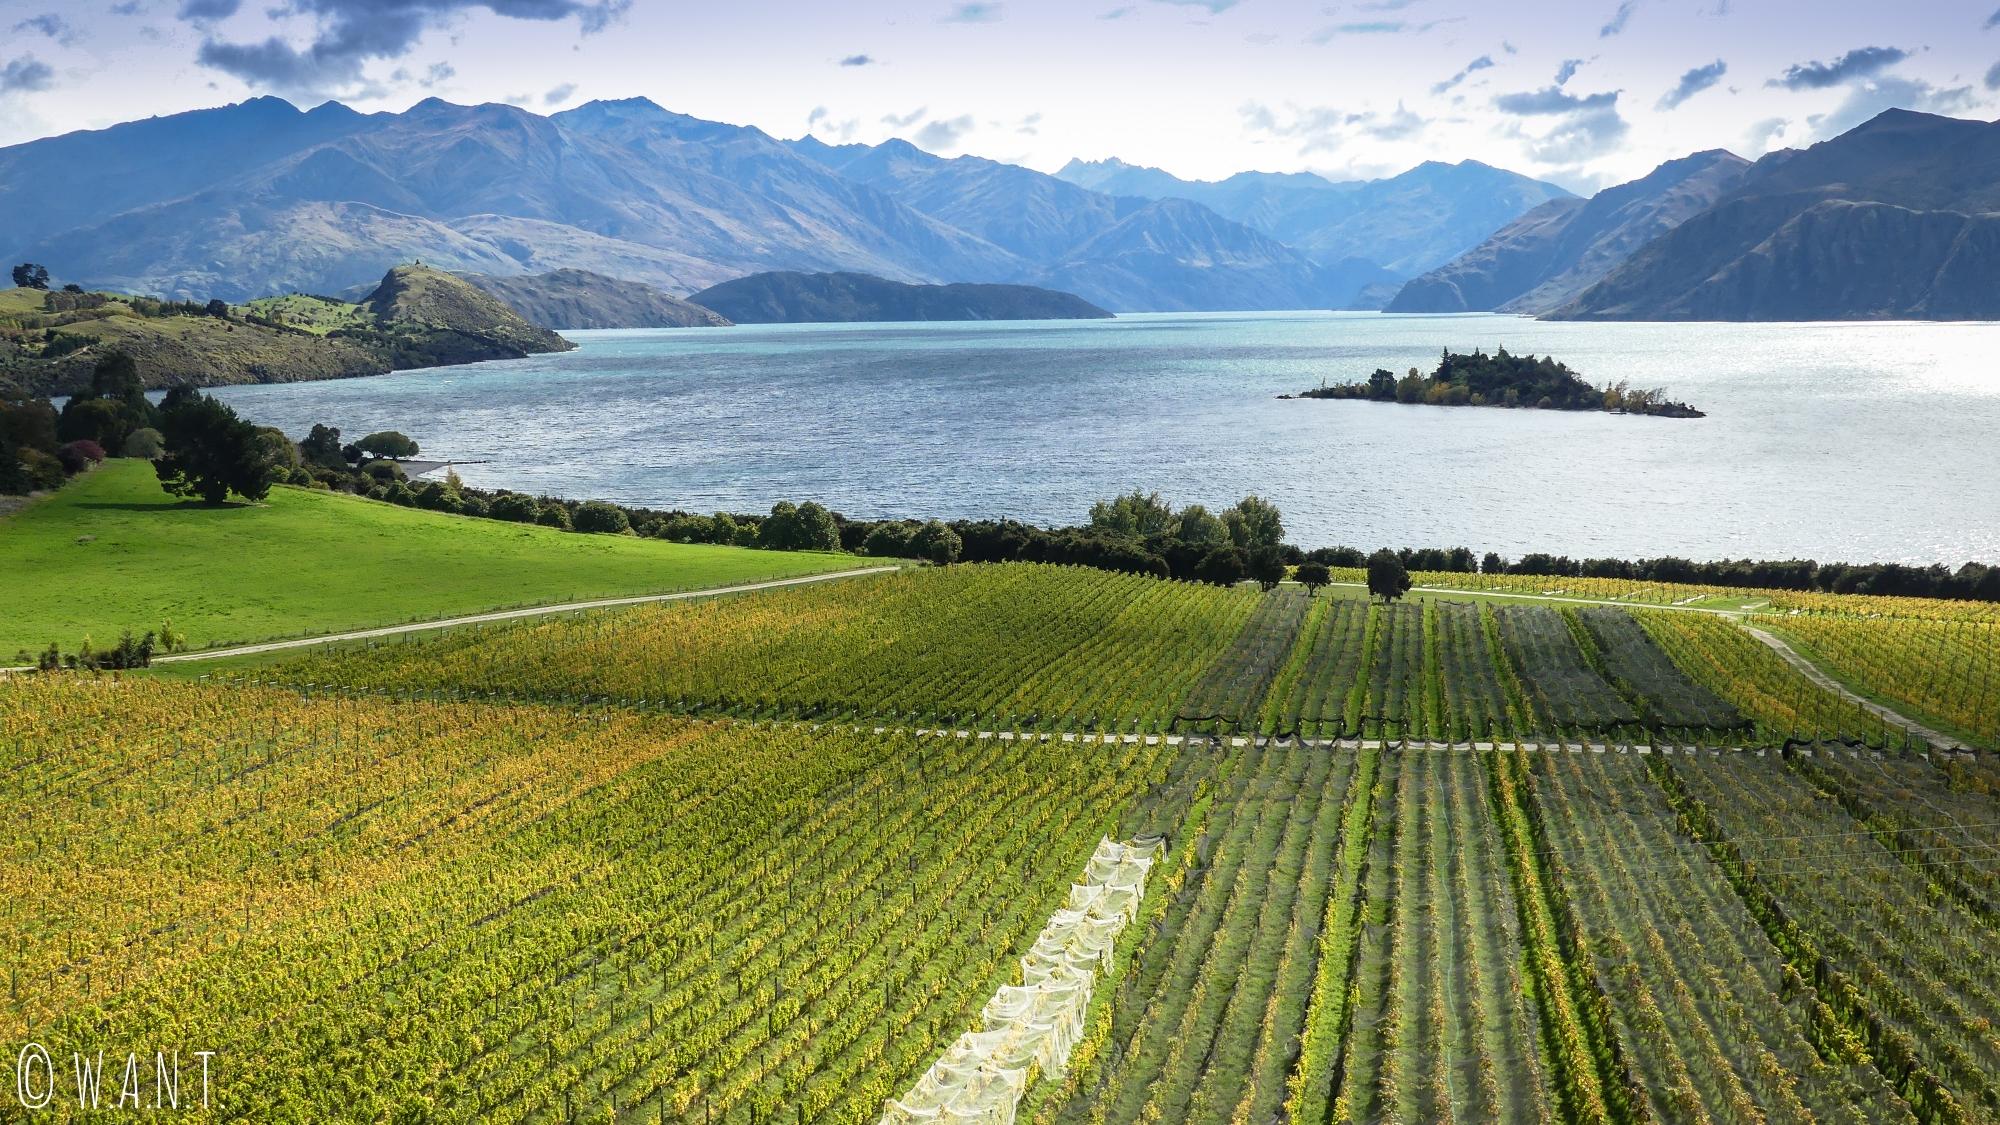 Vue incroyable sur le lac Wanaka depuis le domaine Rippon en Nouvelle-Zélande